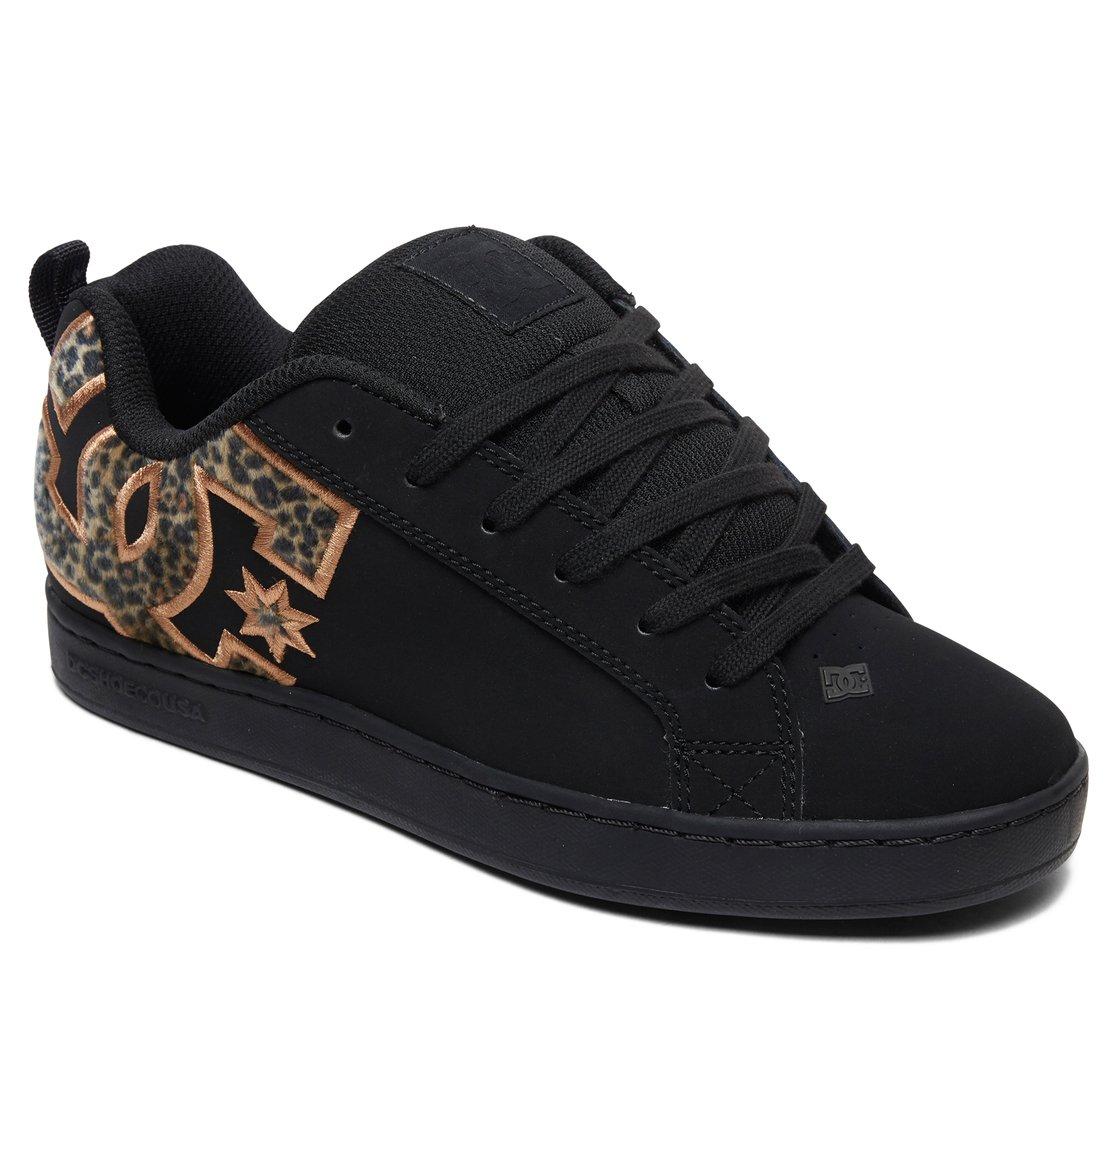 01ea9799cb9 1 Women's Court Graffik Shoes Black 300678 DC Shoes